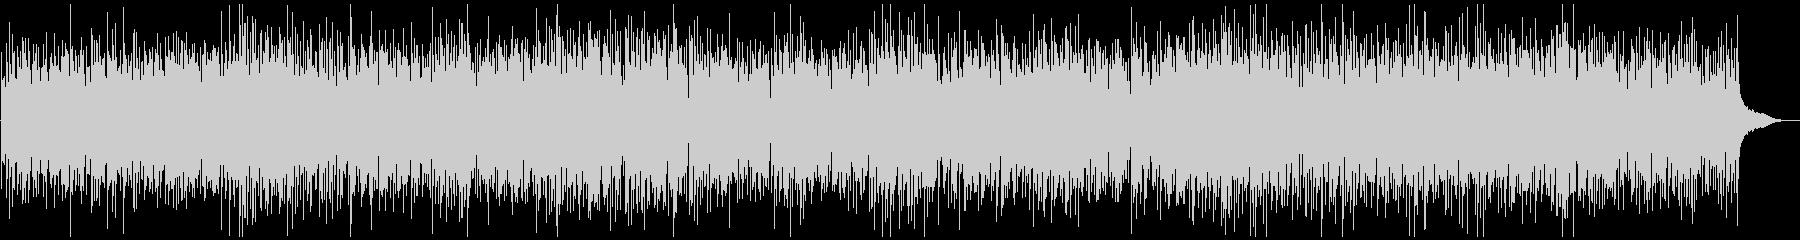 ピアノソロ、ブルーグラスBGMの未再生の波形